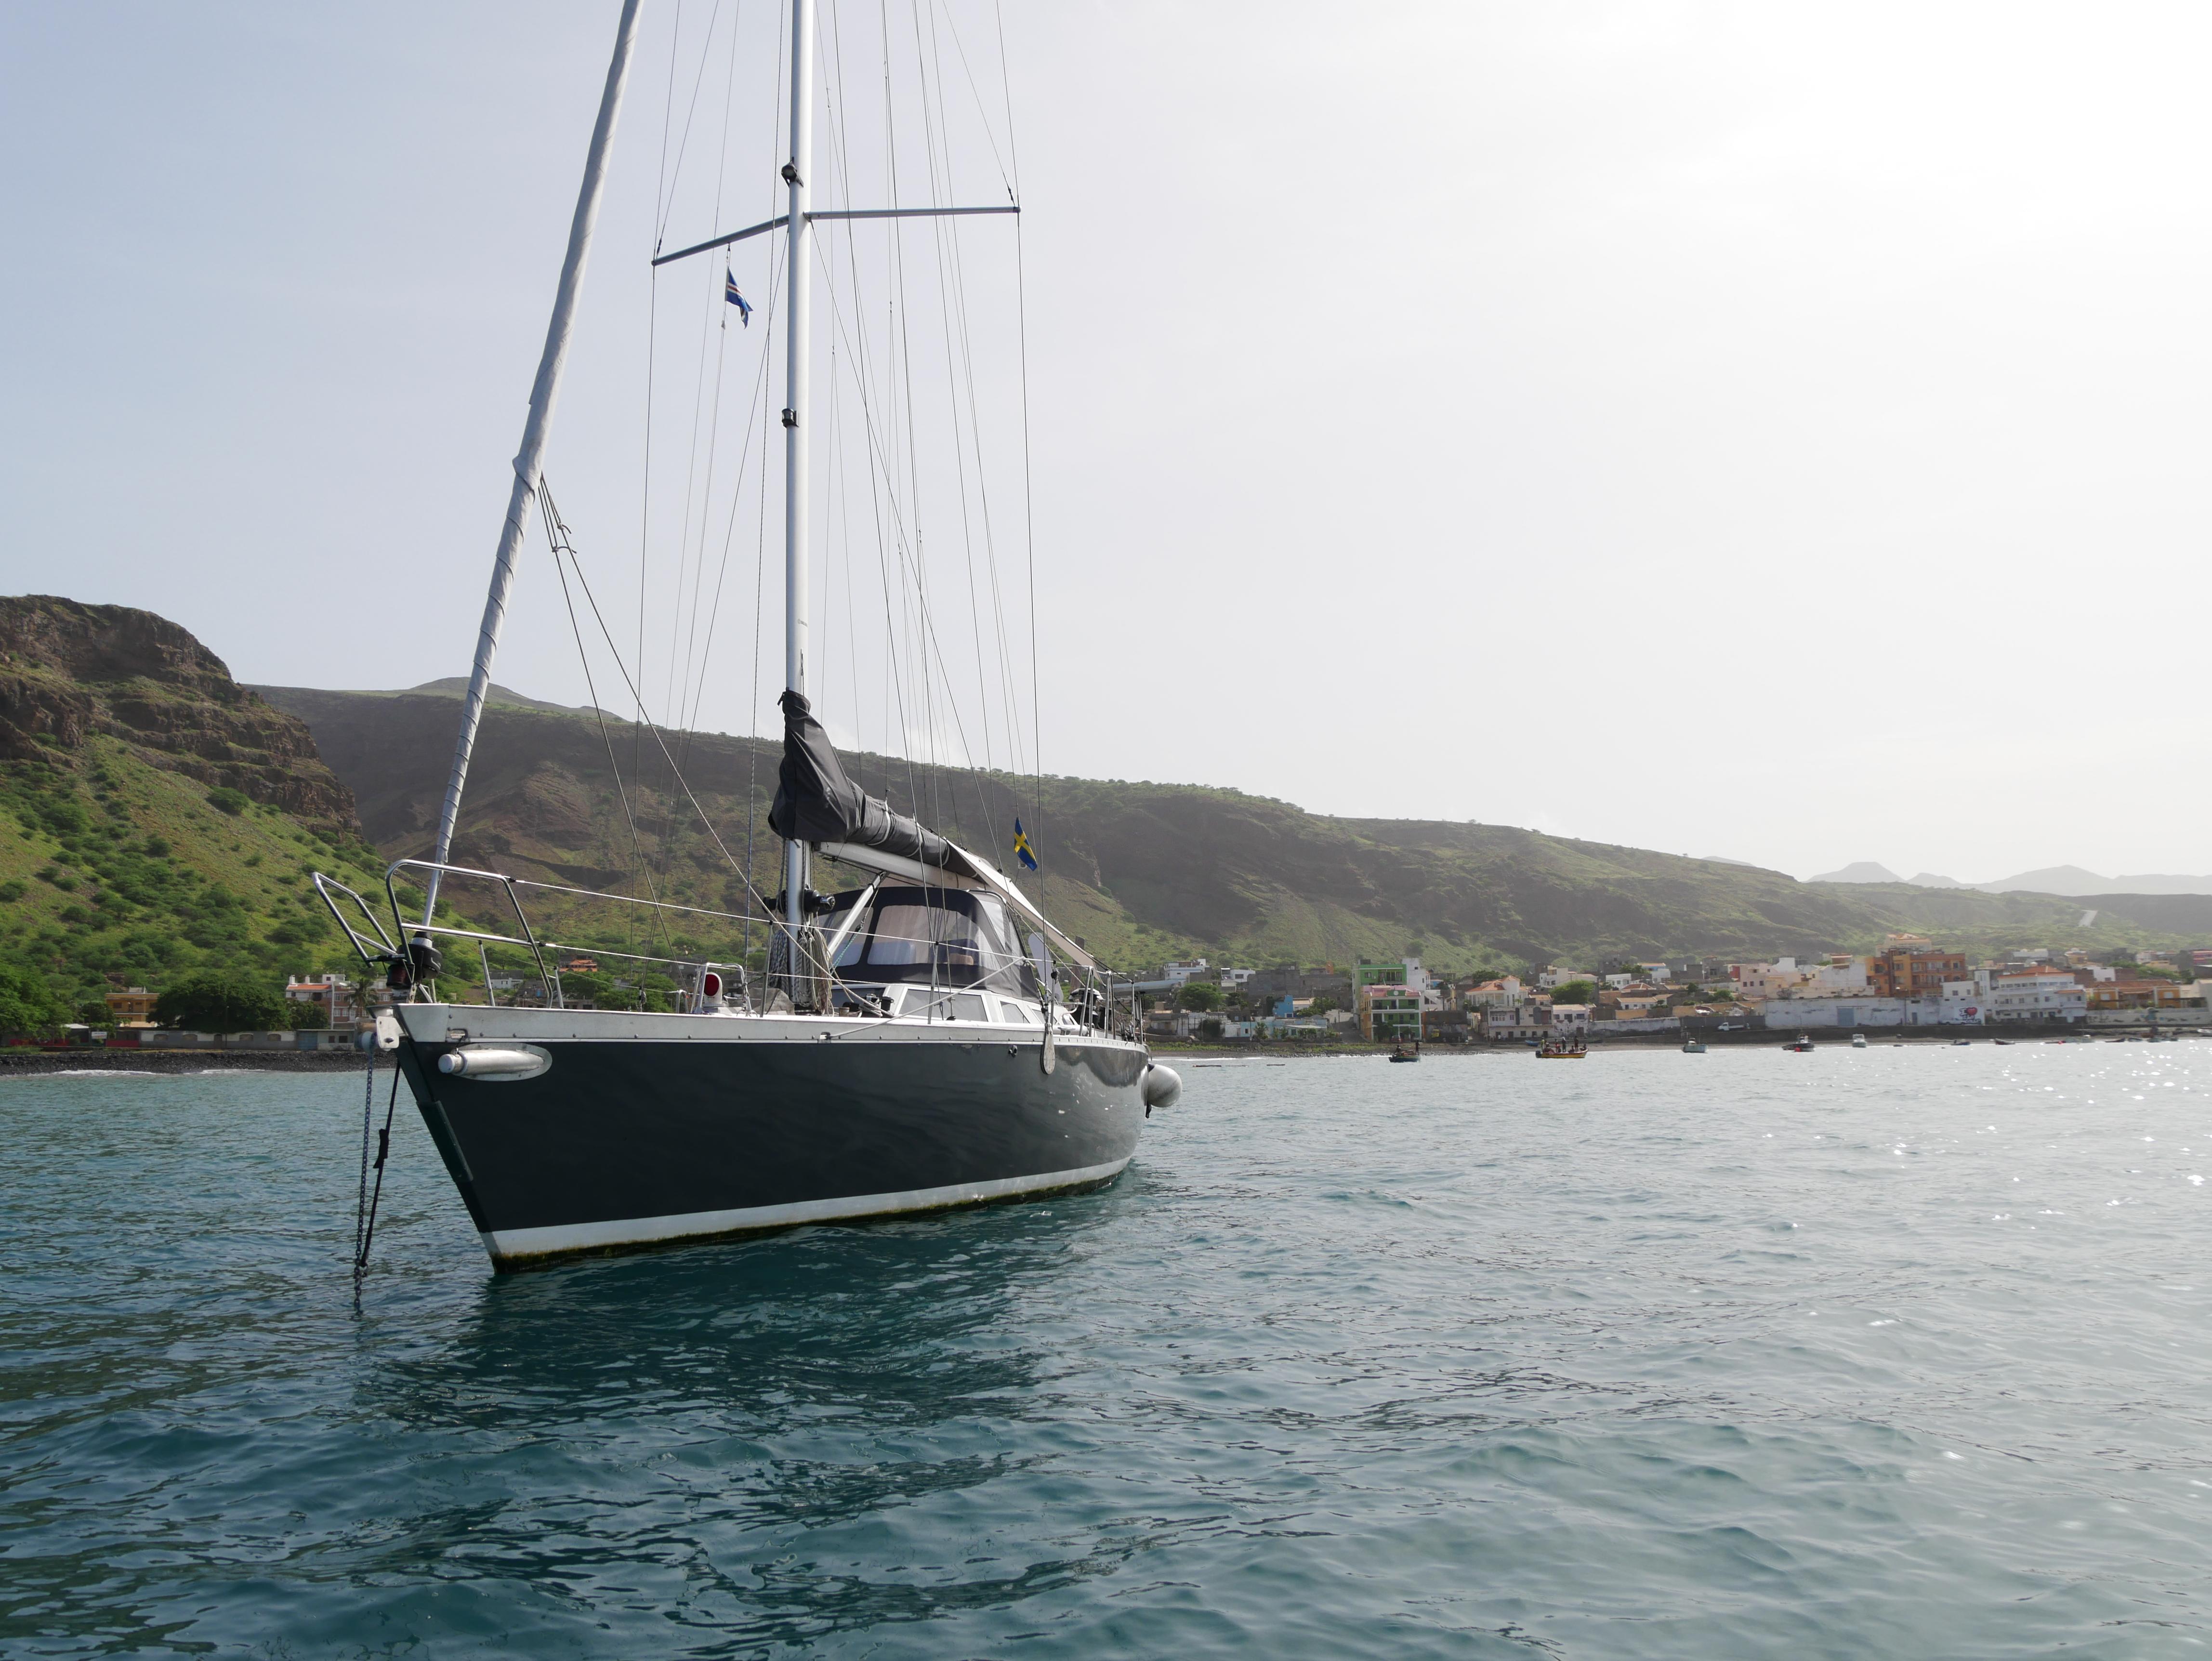 The boat – RAN Sailing